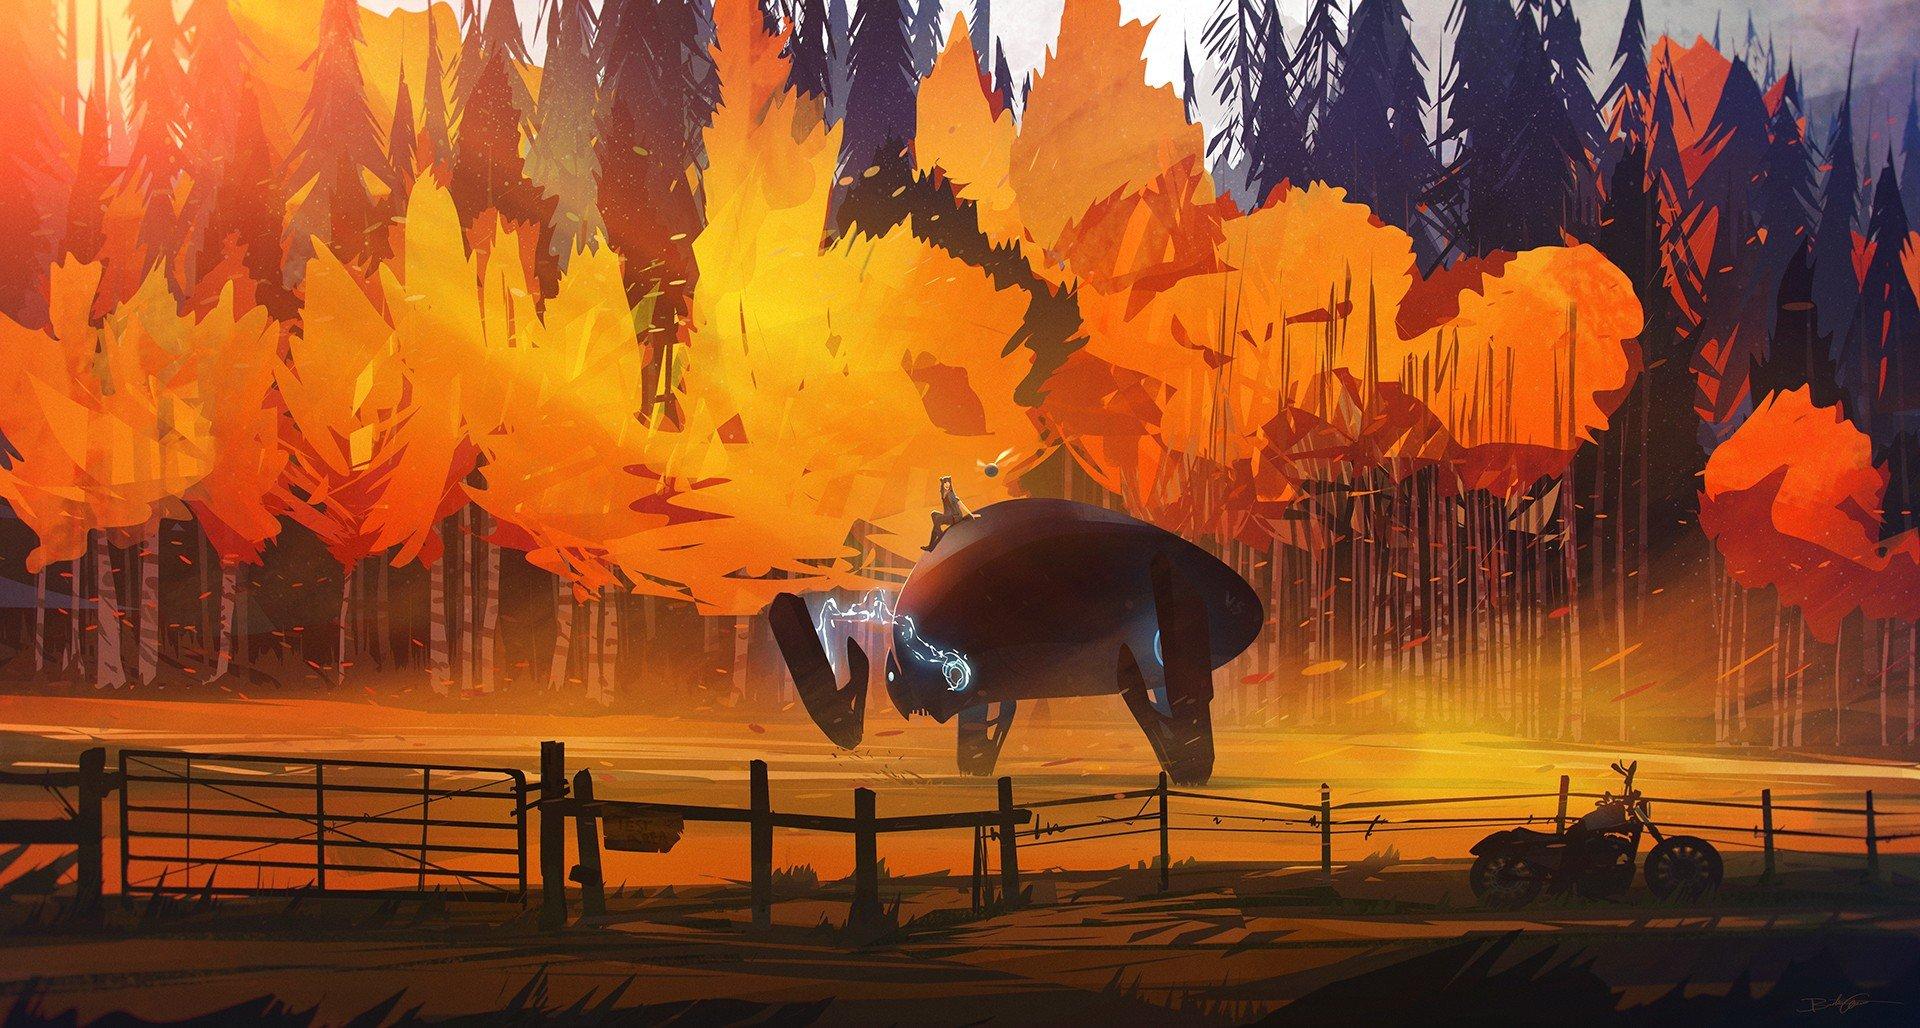 illustration, Fantasy art, Sunset, Bonsai, Artwork Wallpaper